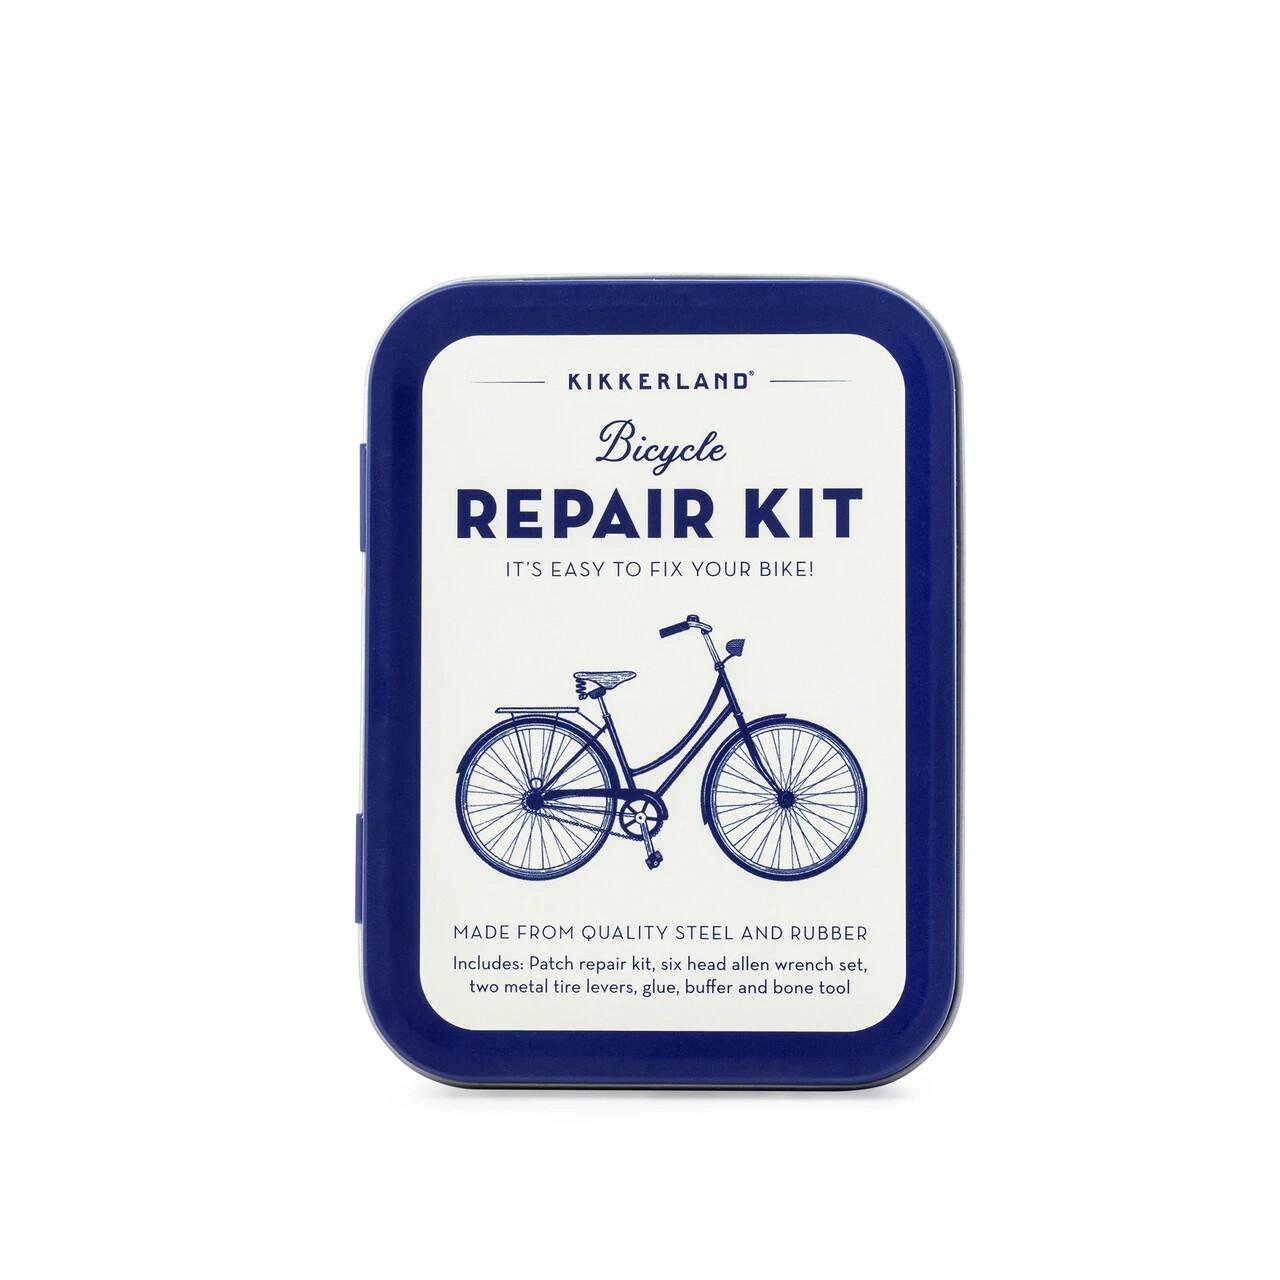 Bicycle Repair Kit - kikkerland